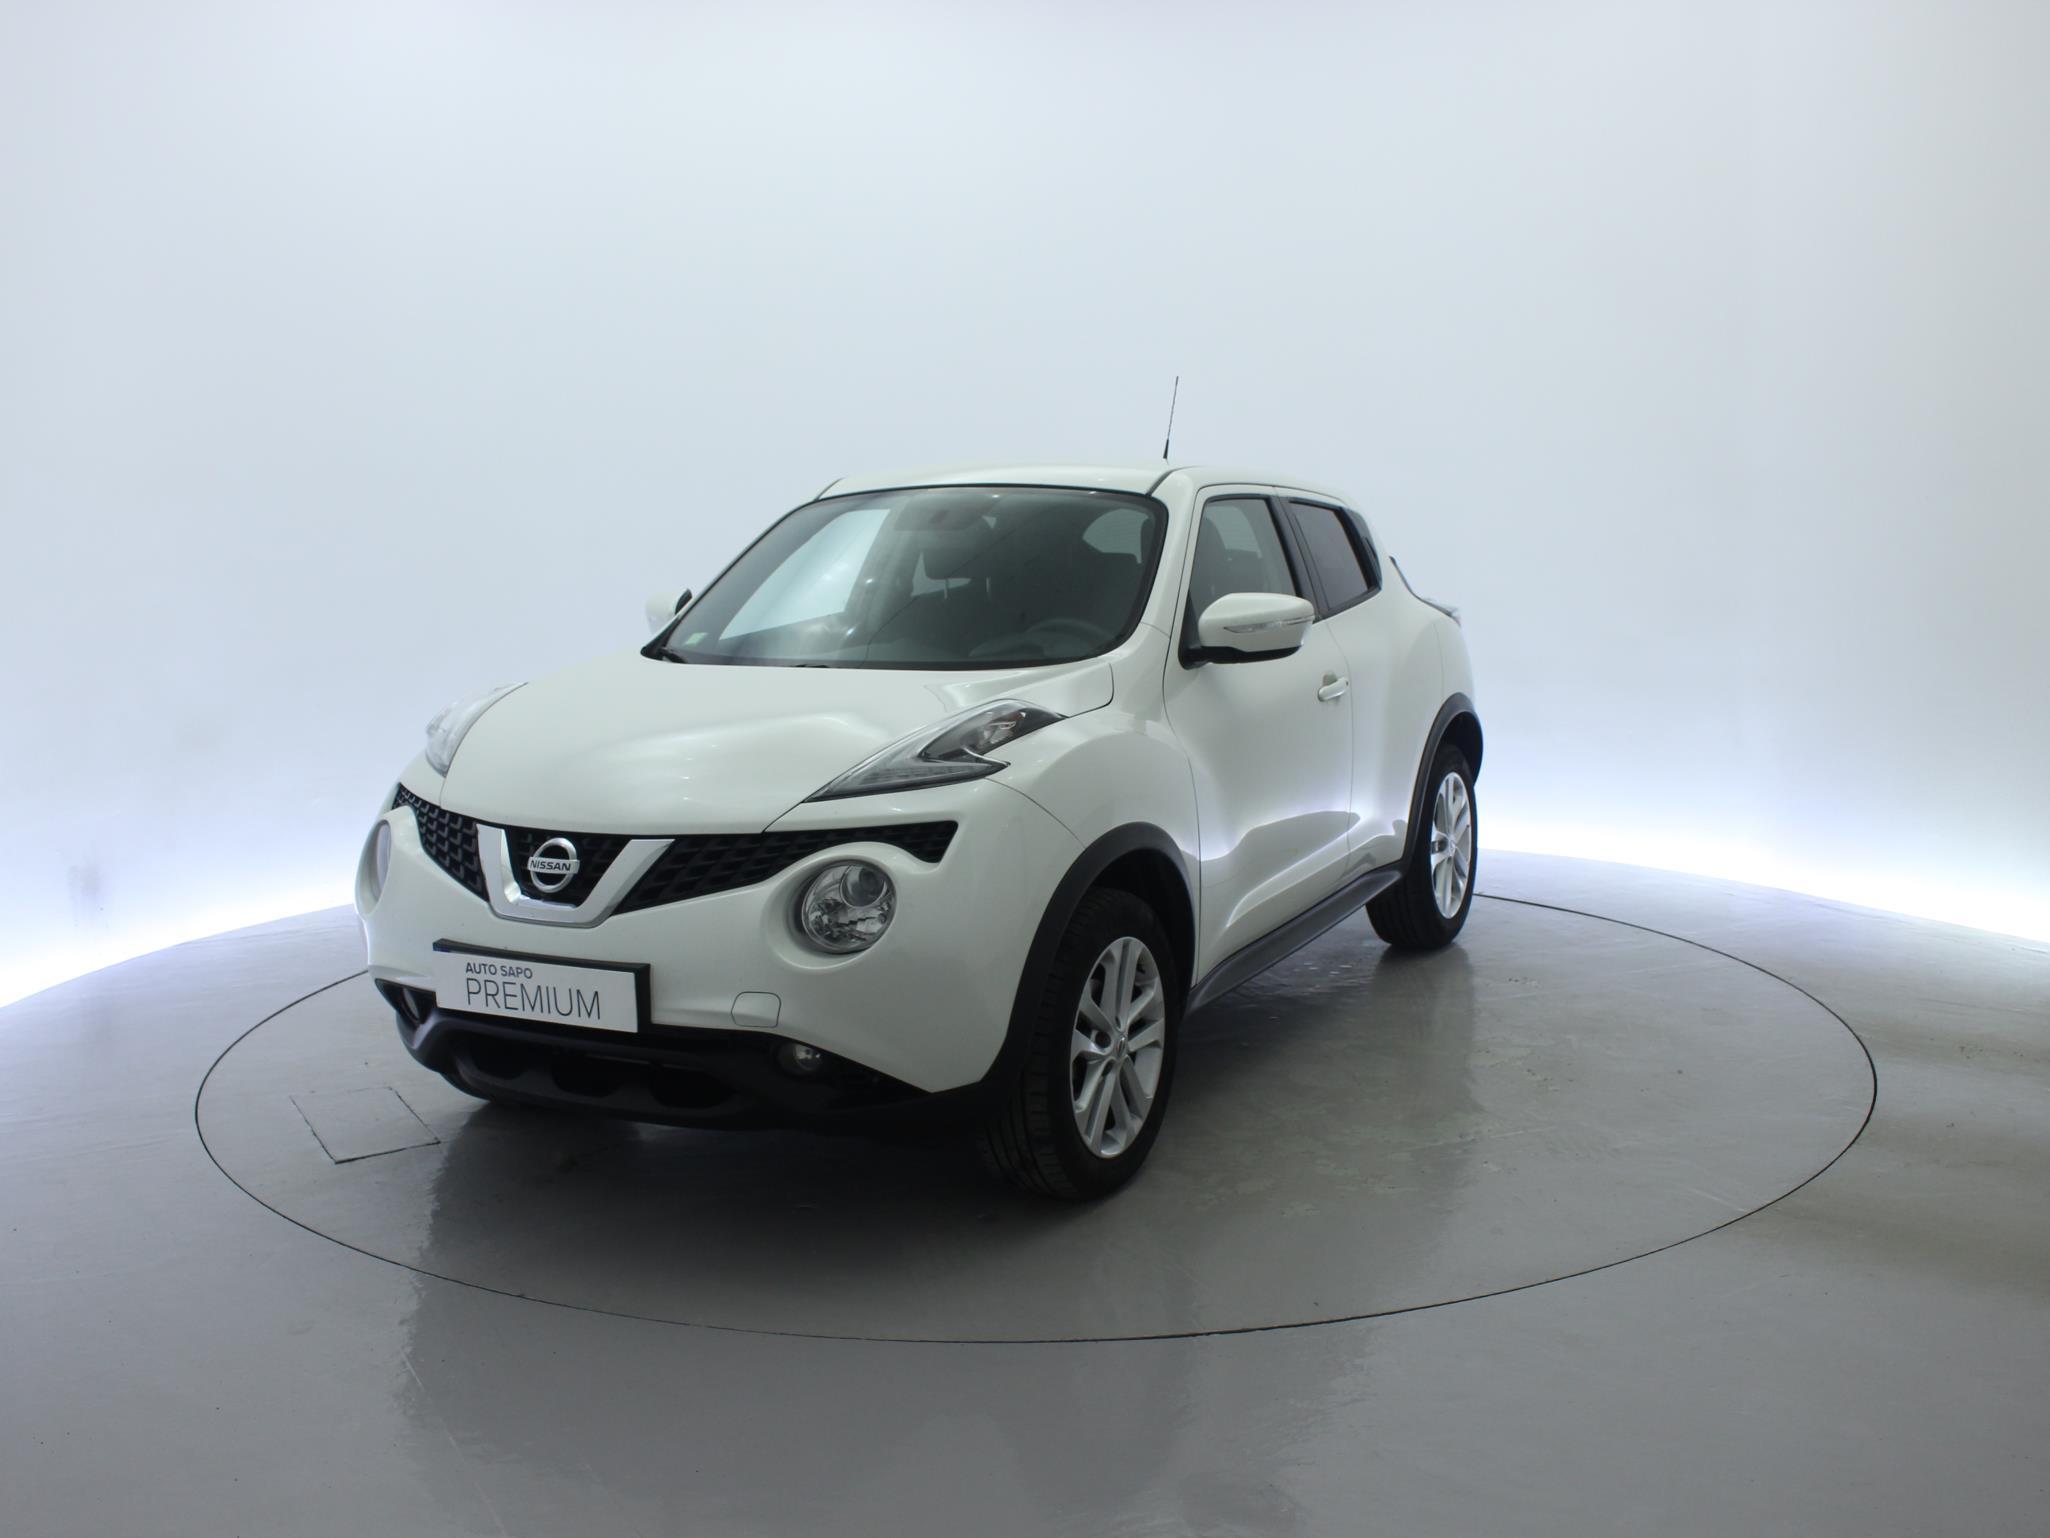 Nissan Juke 1.2 DIG-T Acenta Nissan Connect